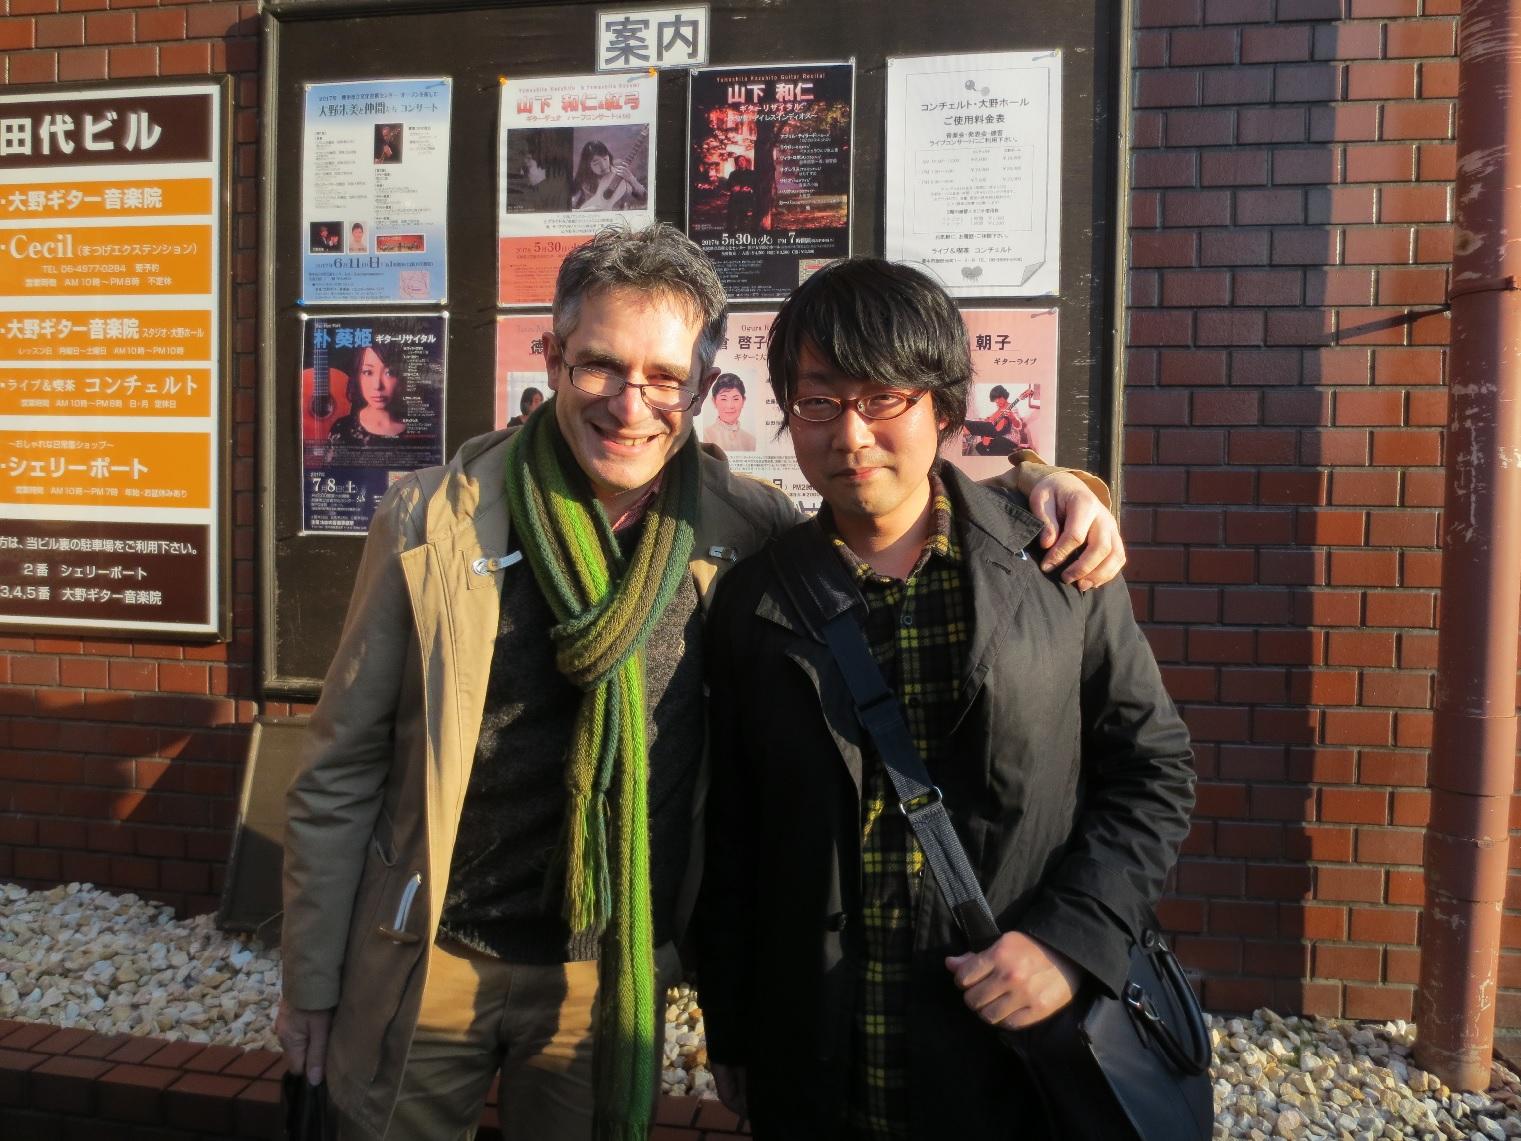 レオナルド・ブラーボ タンゴ・レクチャー&ギターコンサート